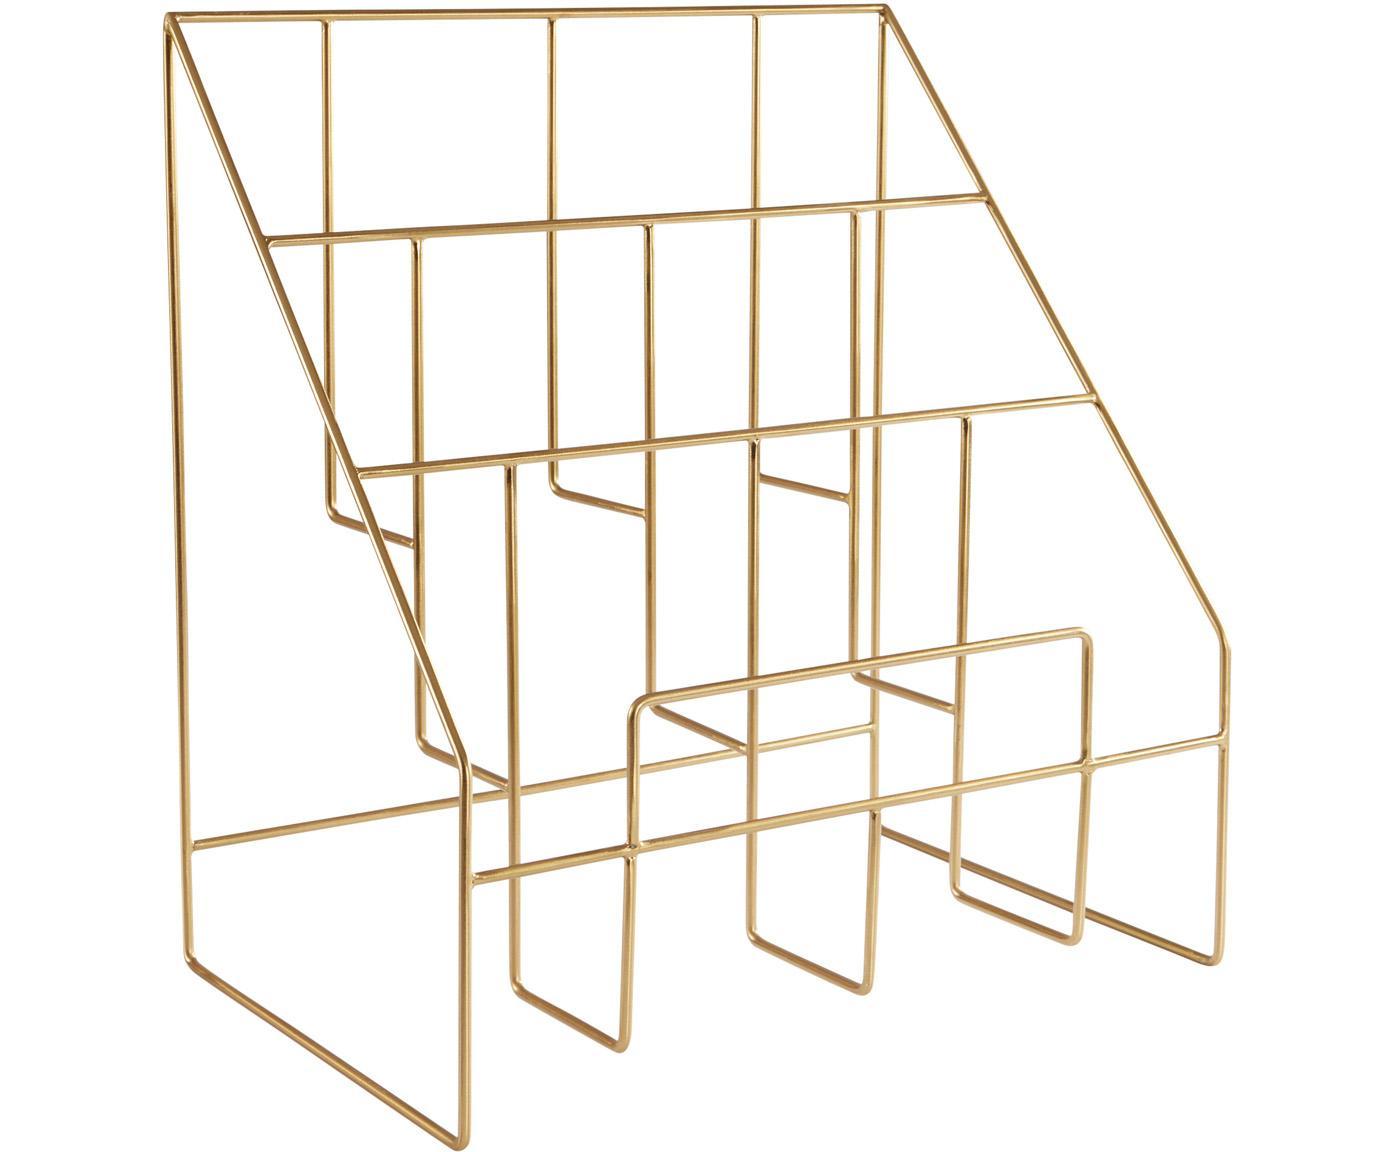 Zeitschriftenhalter Freddy, Metall, lackiert, Goldfarben, 38 x 41 cm